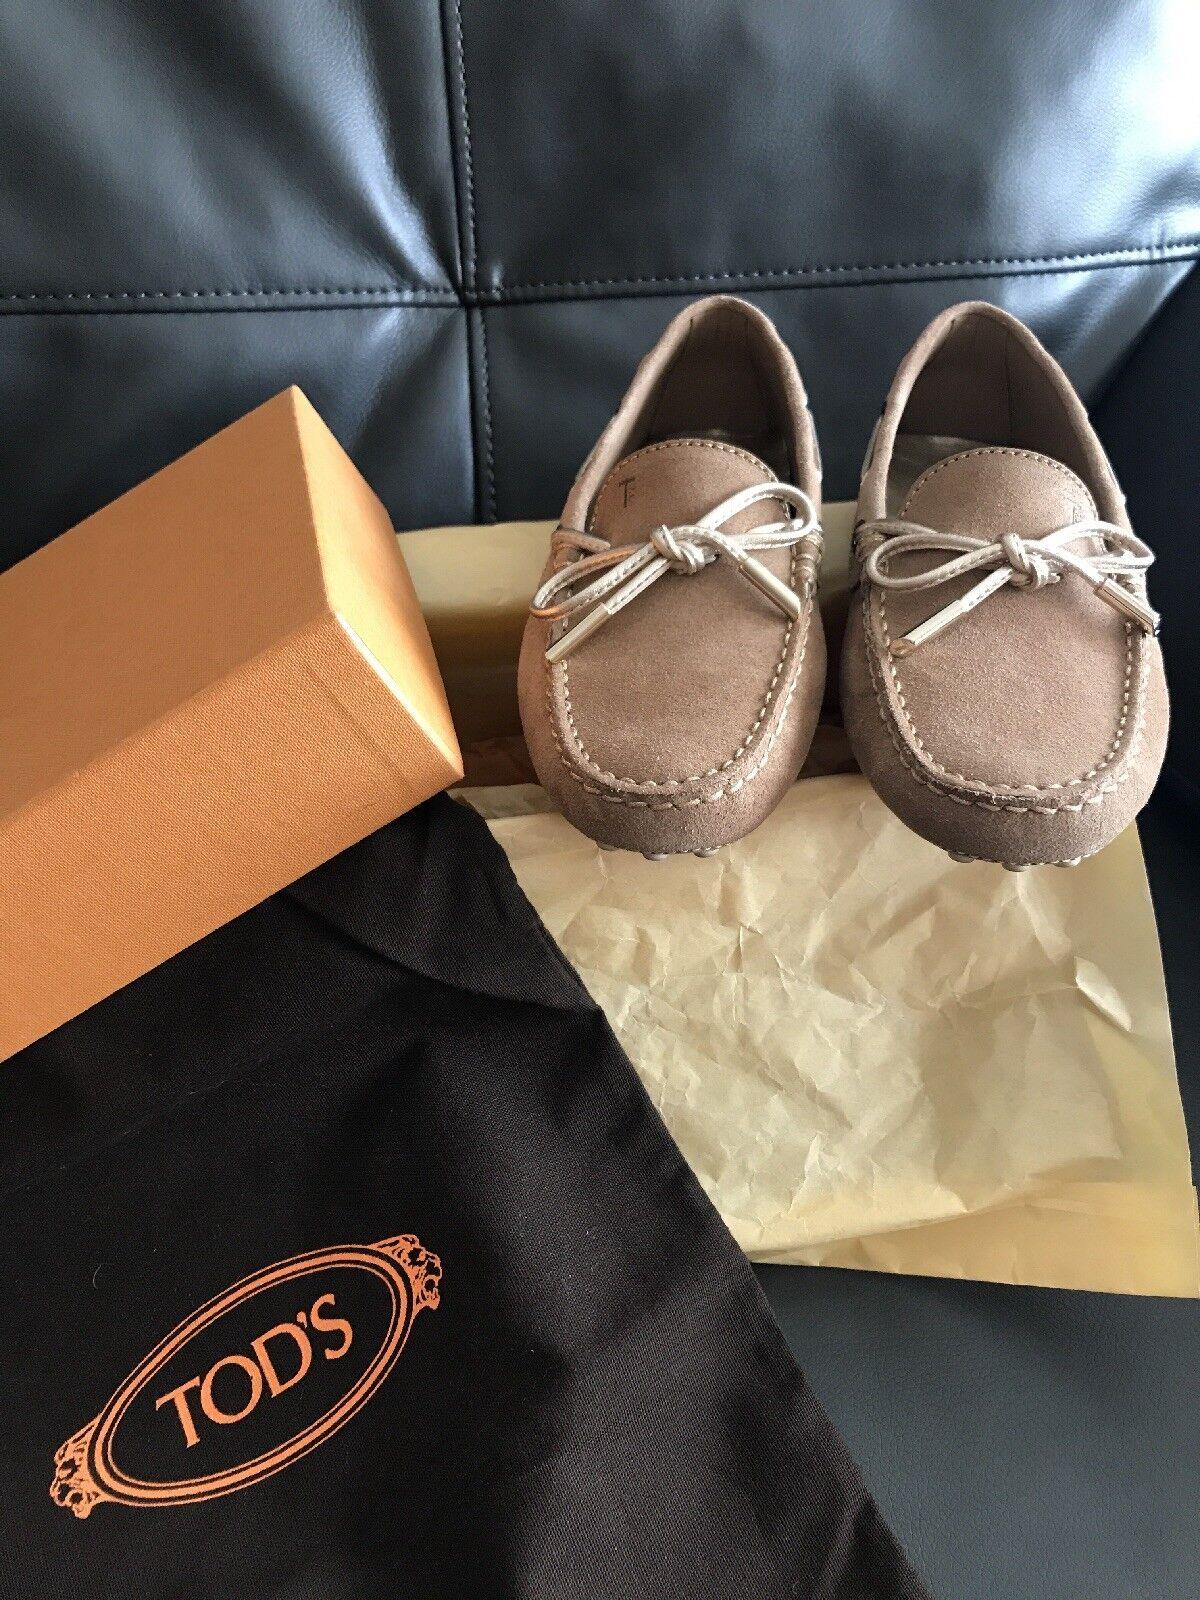 Auténtico Nuevo tods tods tods Clásico Gamuza Conducción Zapatos en Camel y oro Tamaño nos 35  promocionales de incentivo